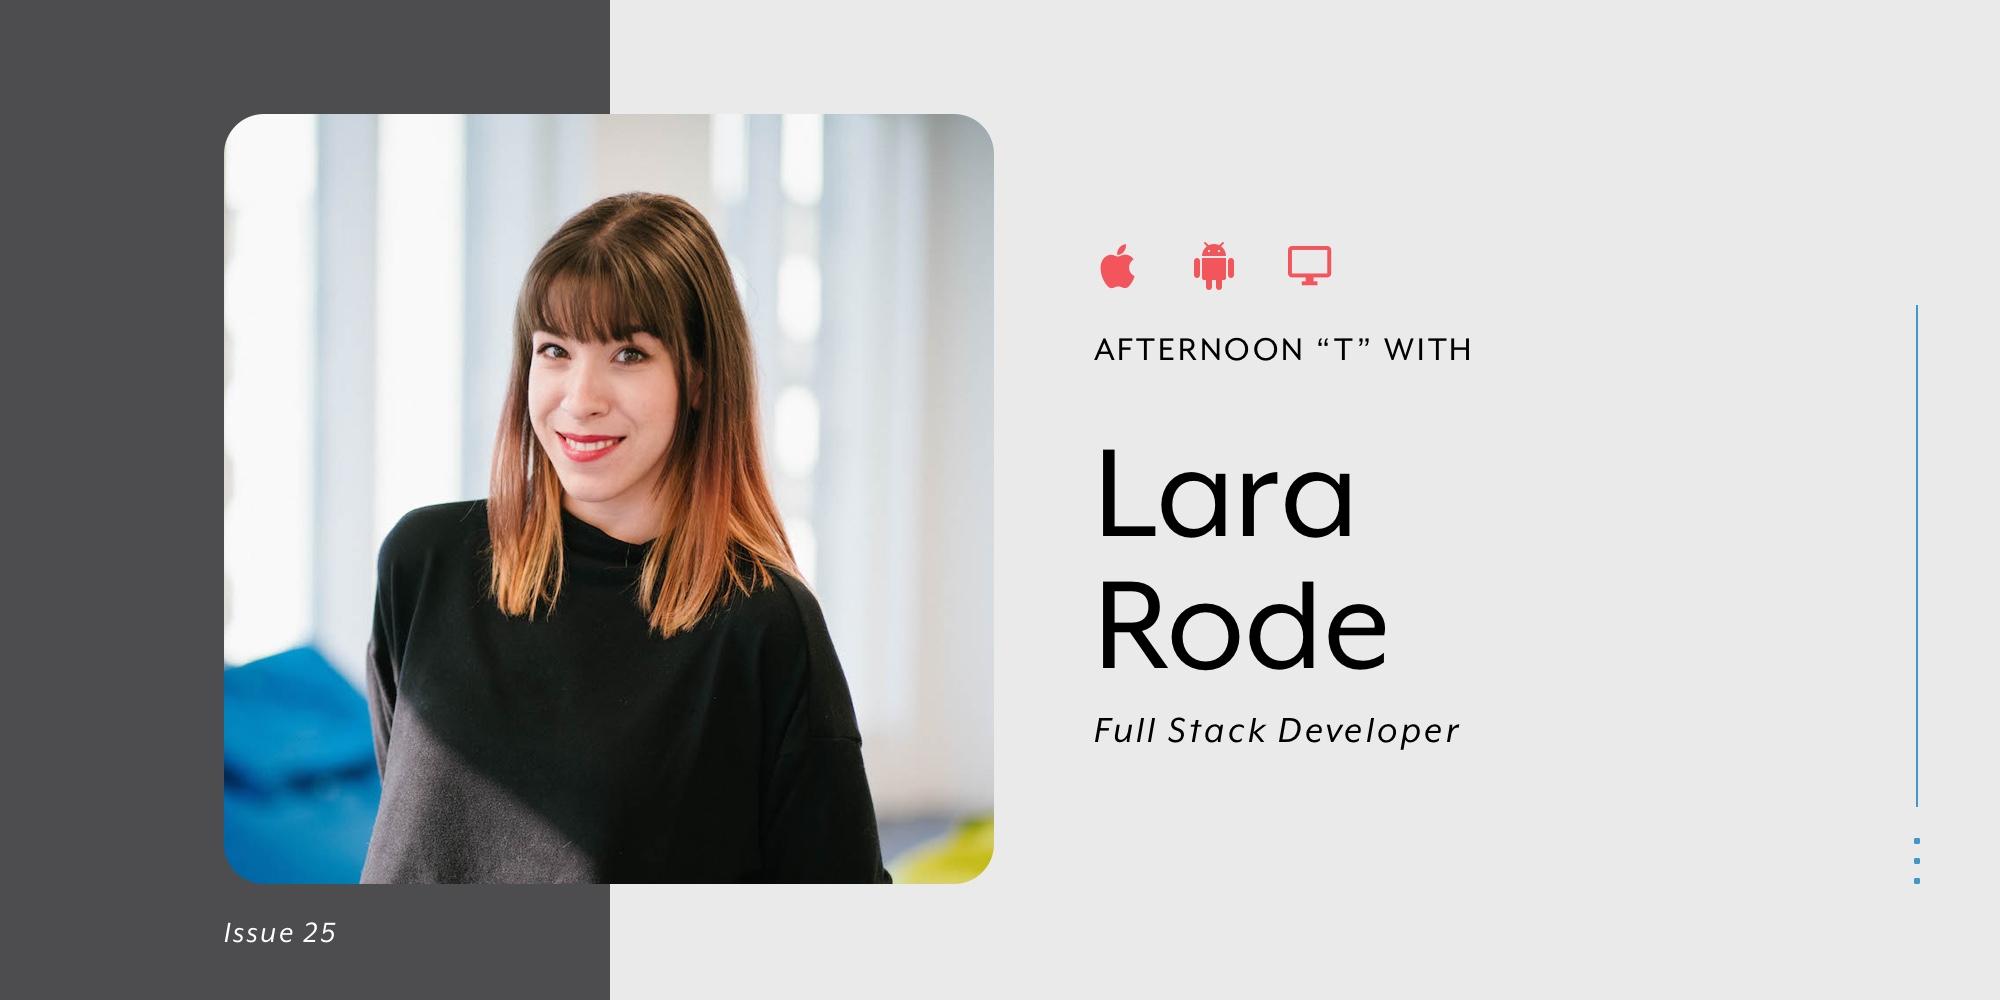 Picture of full stack developer Lara Rode for blog banner